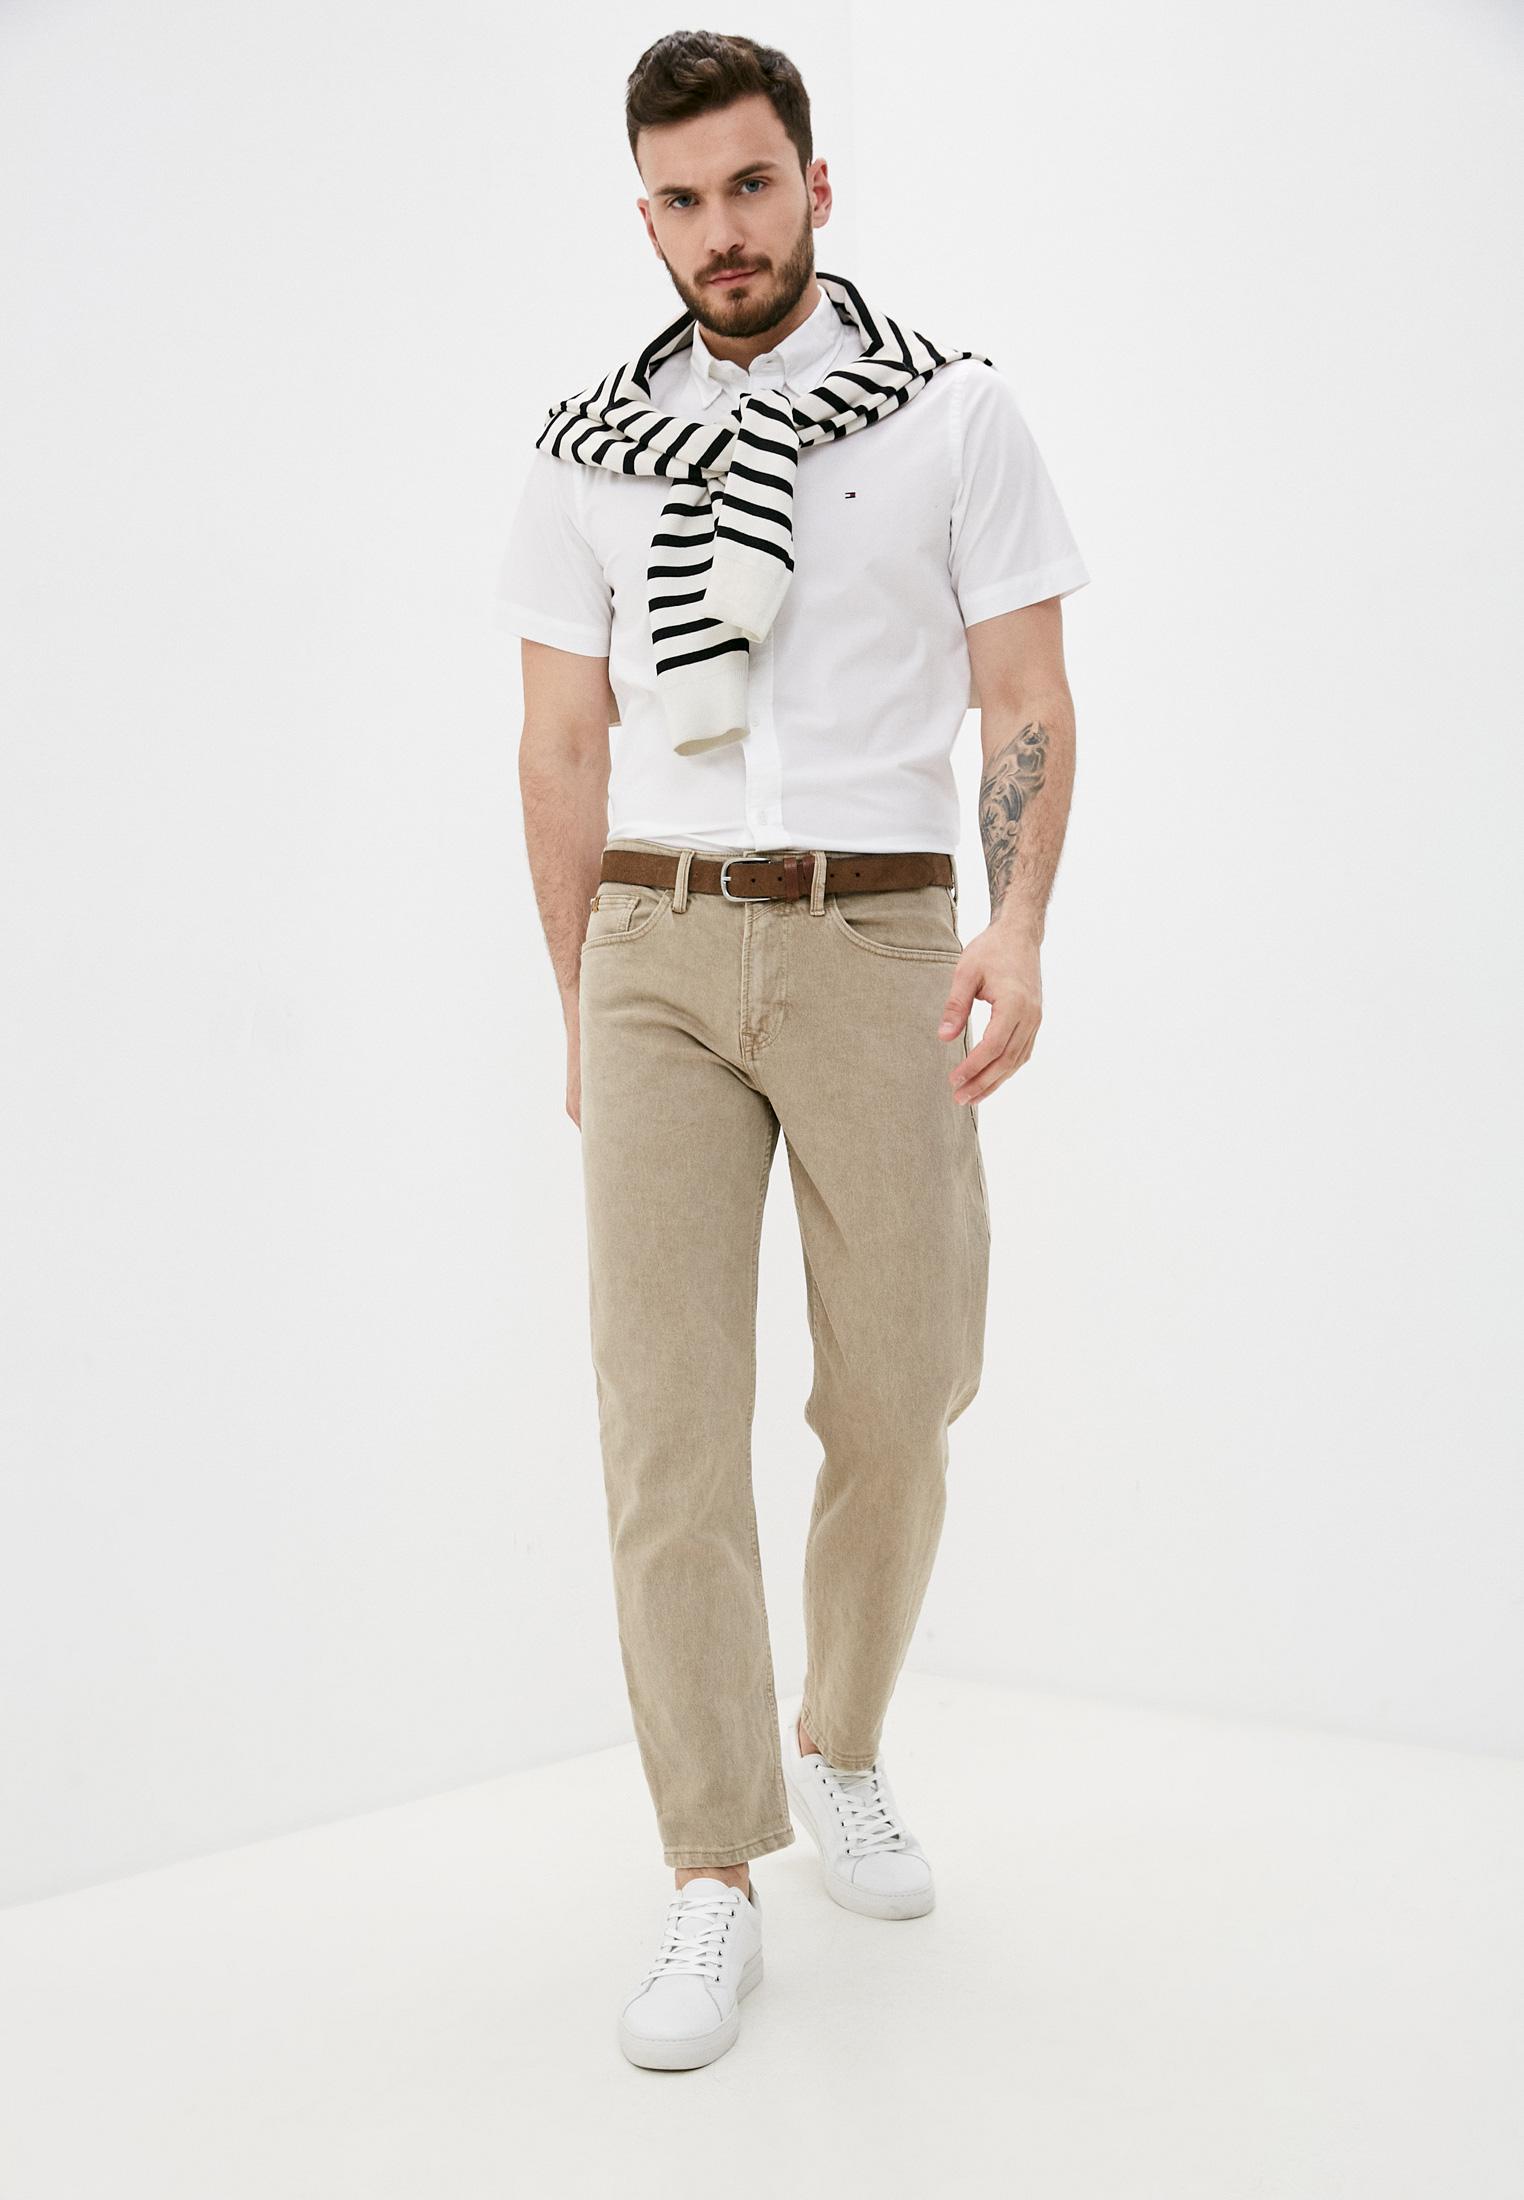 Рубашка с длинным рукавом Tommy Hilfiger (Томми Хилфигер) MW0MW18405: изображение 2